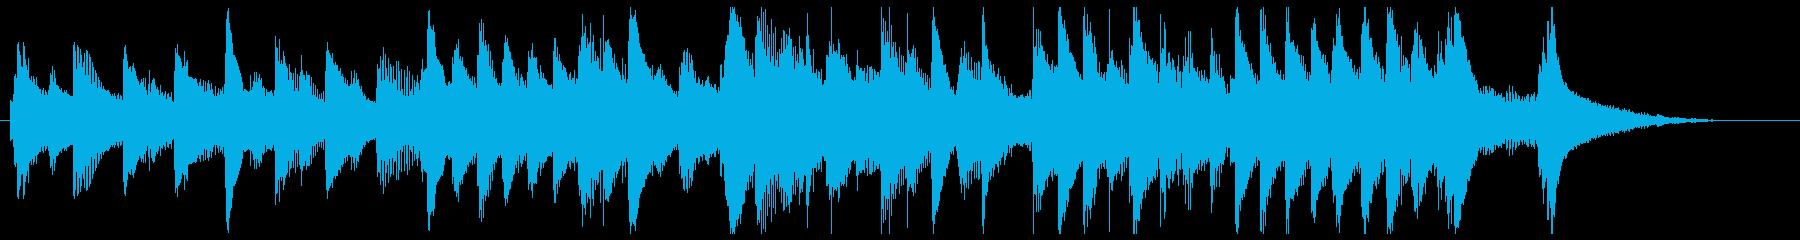 ピアノと弦楽の美しく物悲しいジングルの再生済みの波形